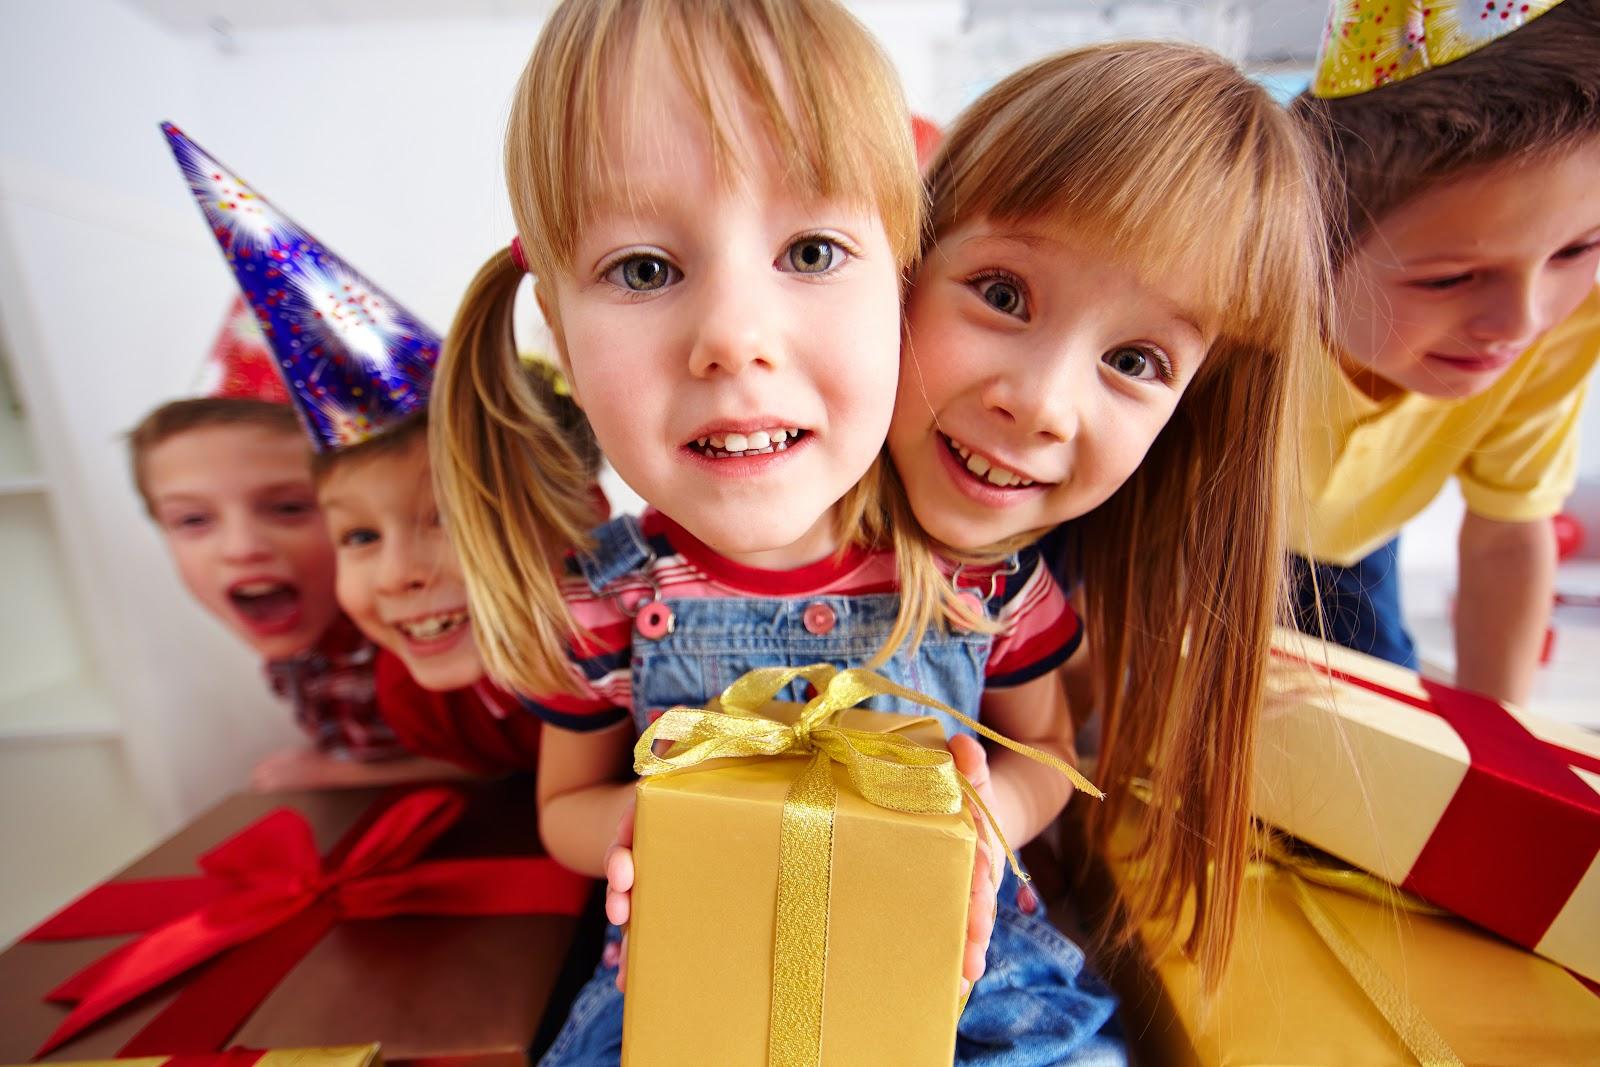 copii, cadouri, fericire, grup copii, 1 iunie, ziua copilului